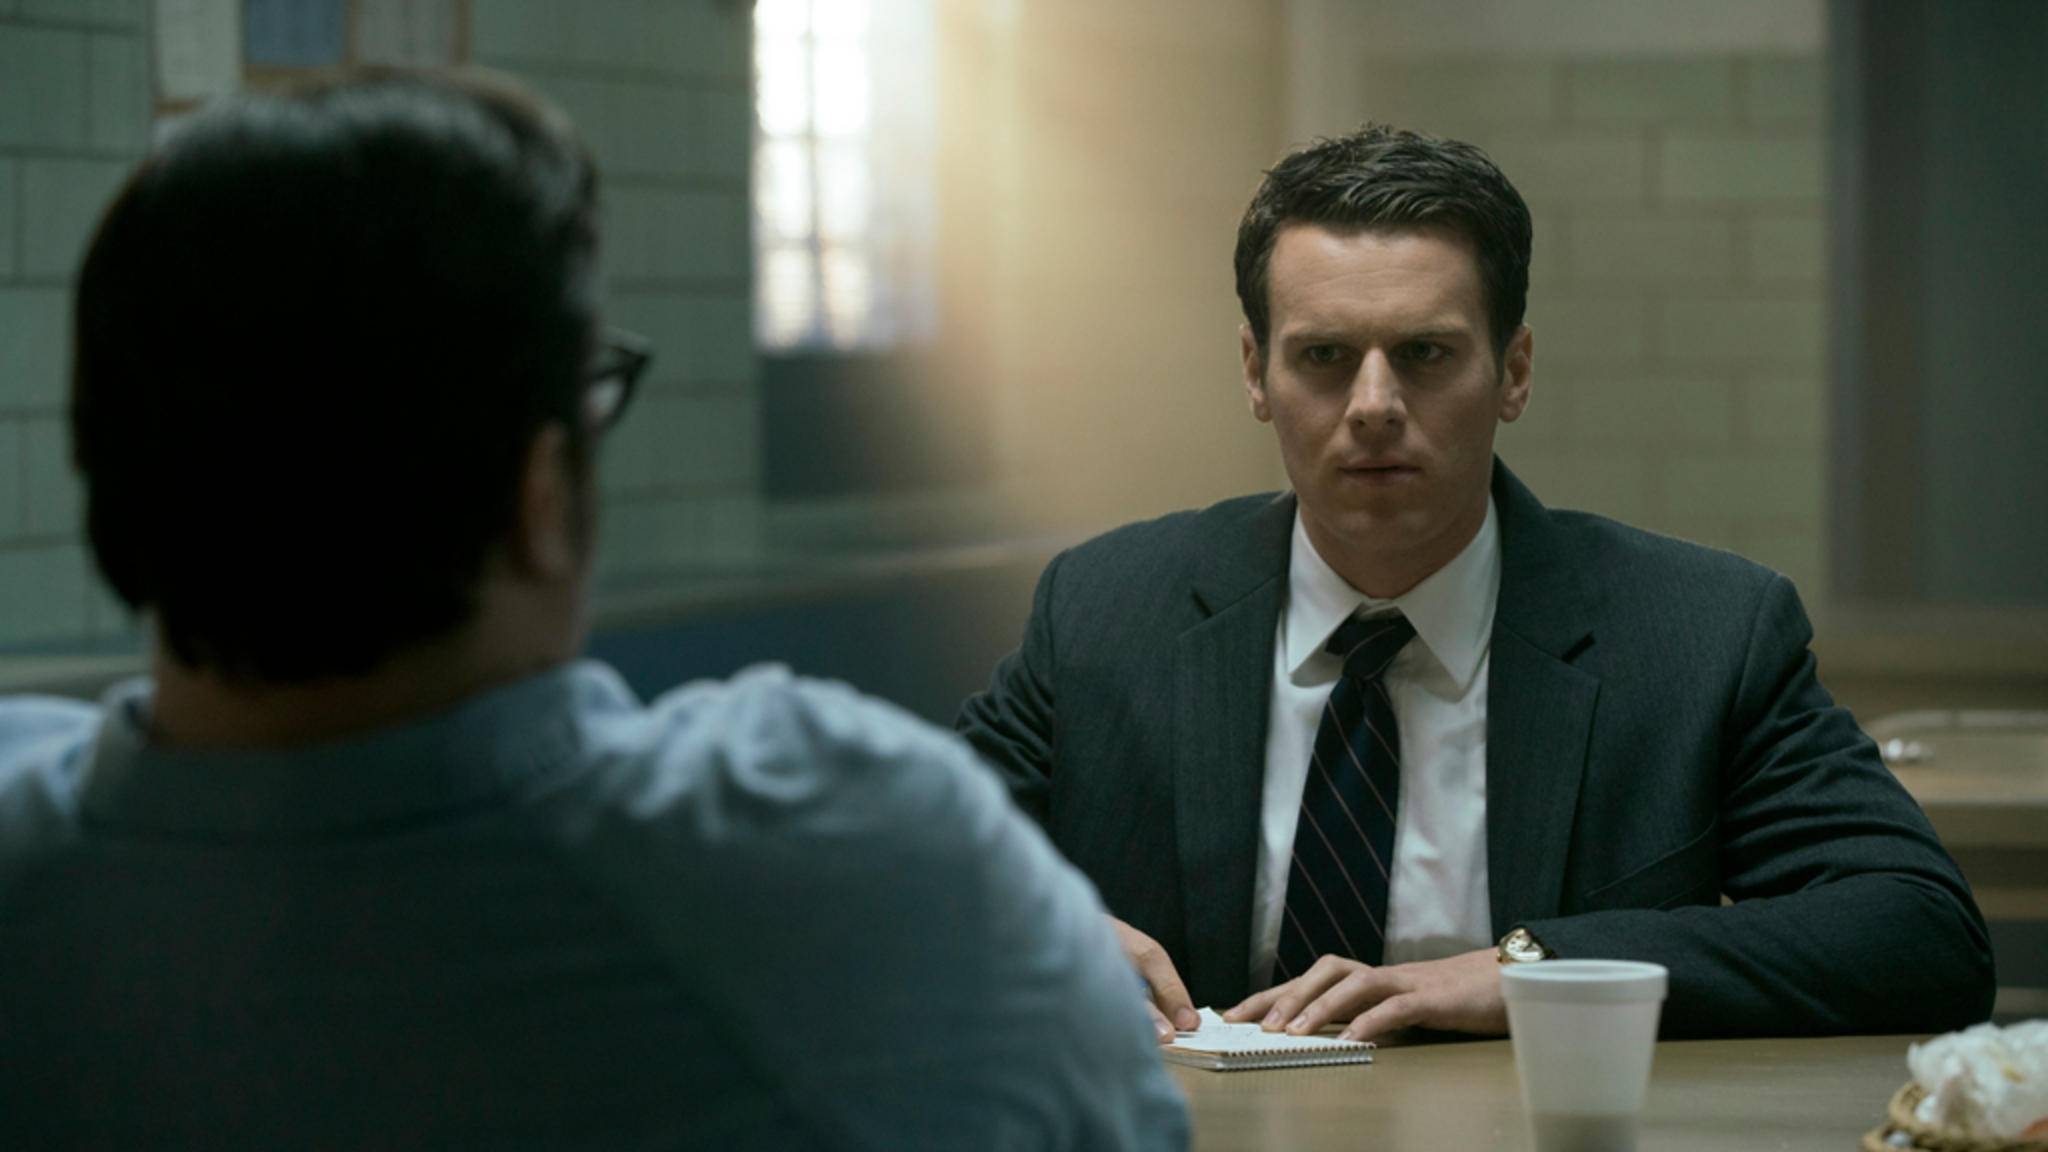 Seine Arbeit ist noch nicht beendet: In Staffel 2 werden weitere Serienkiller analysiert.